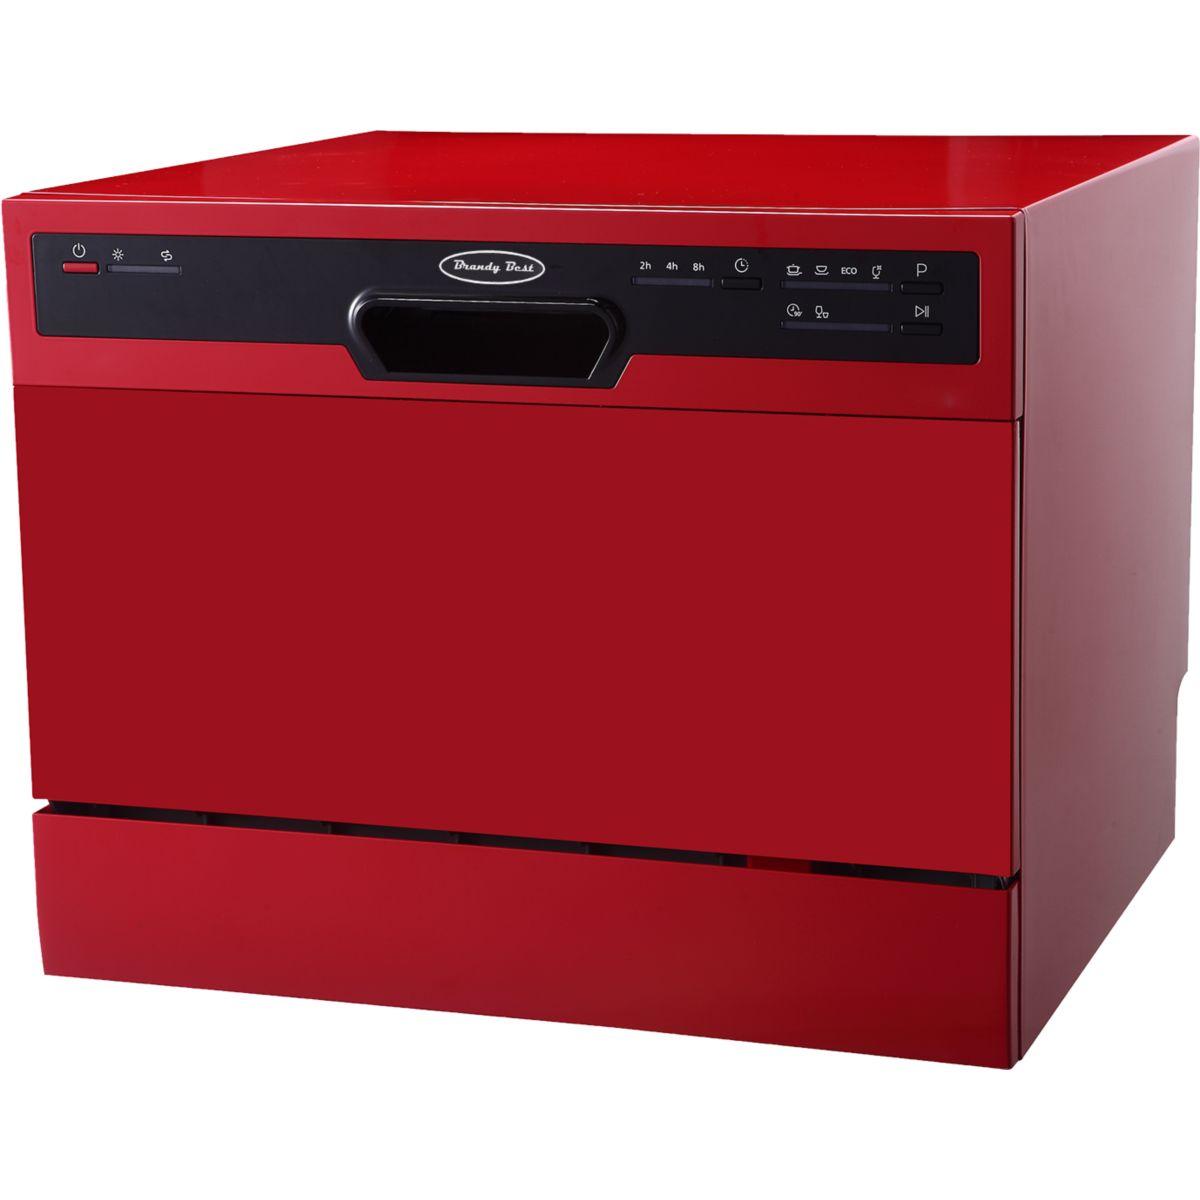 Mini lave vaisselle BRANDY BEST FLASH6R Rouge